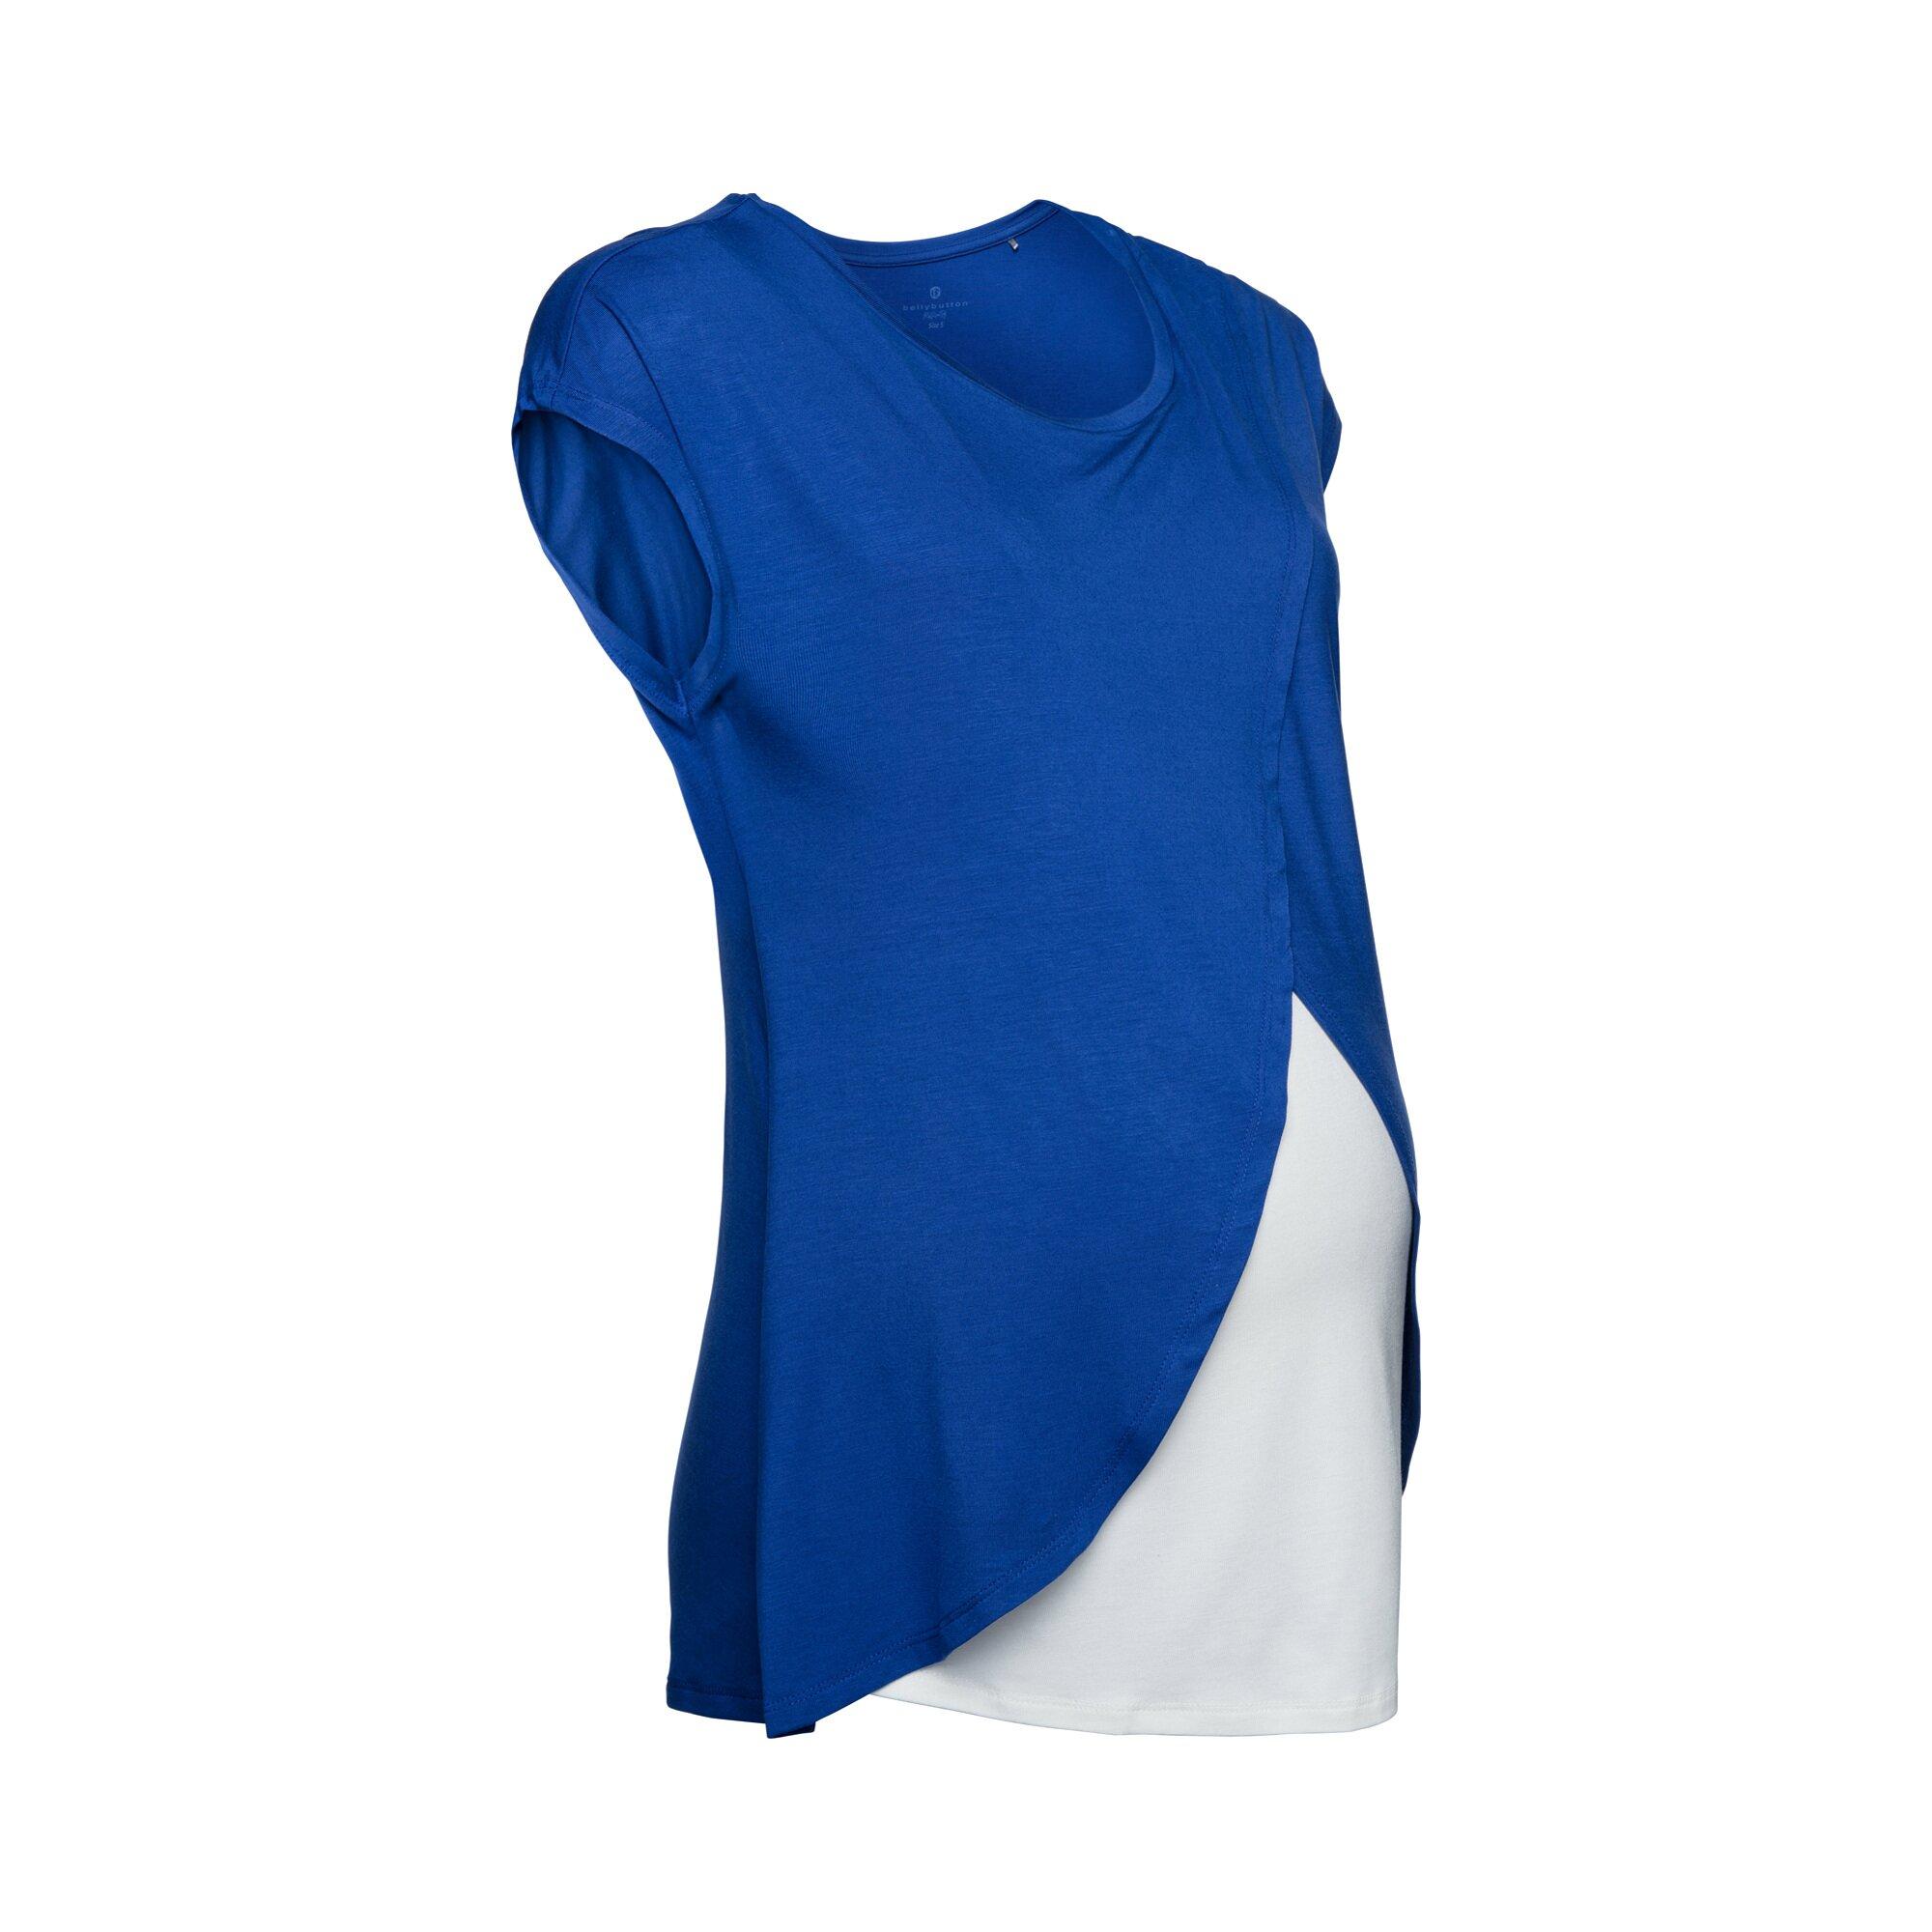 bellybutton-umstands-und-still-t-shirt